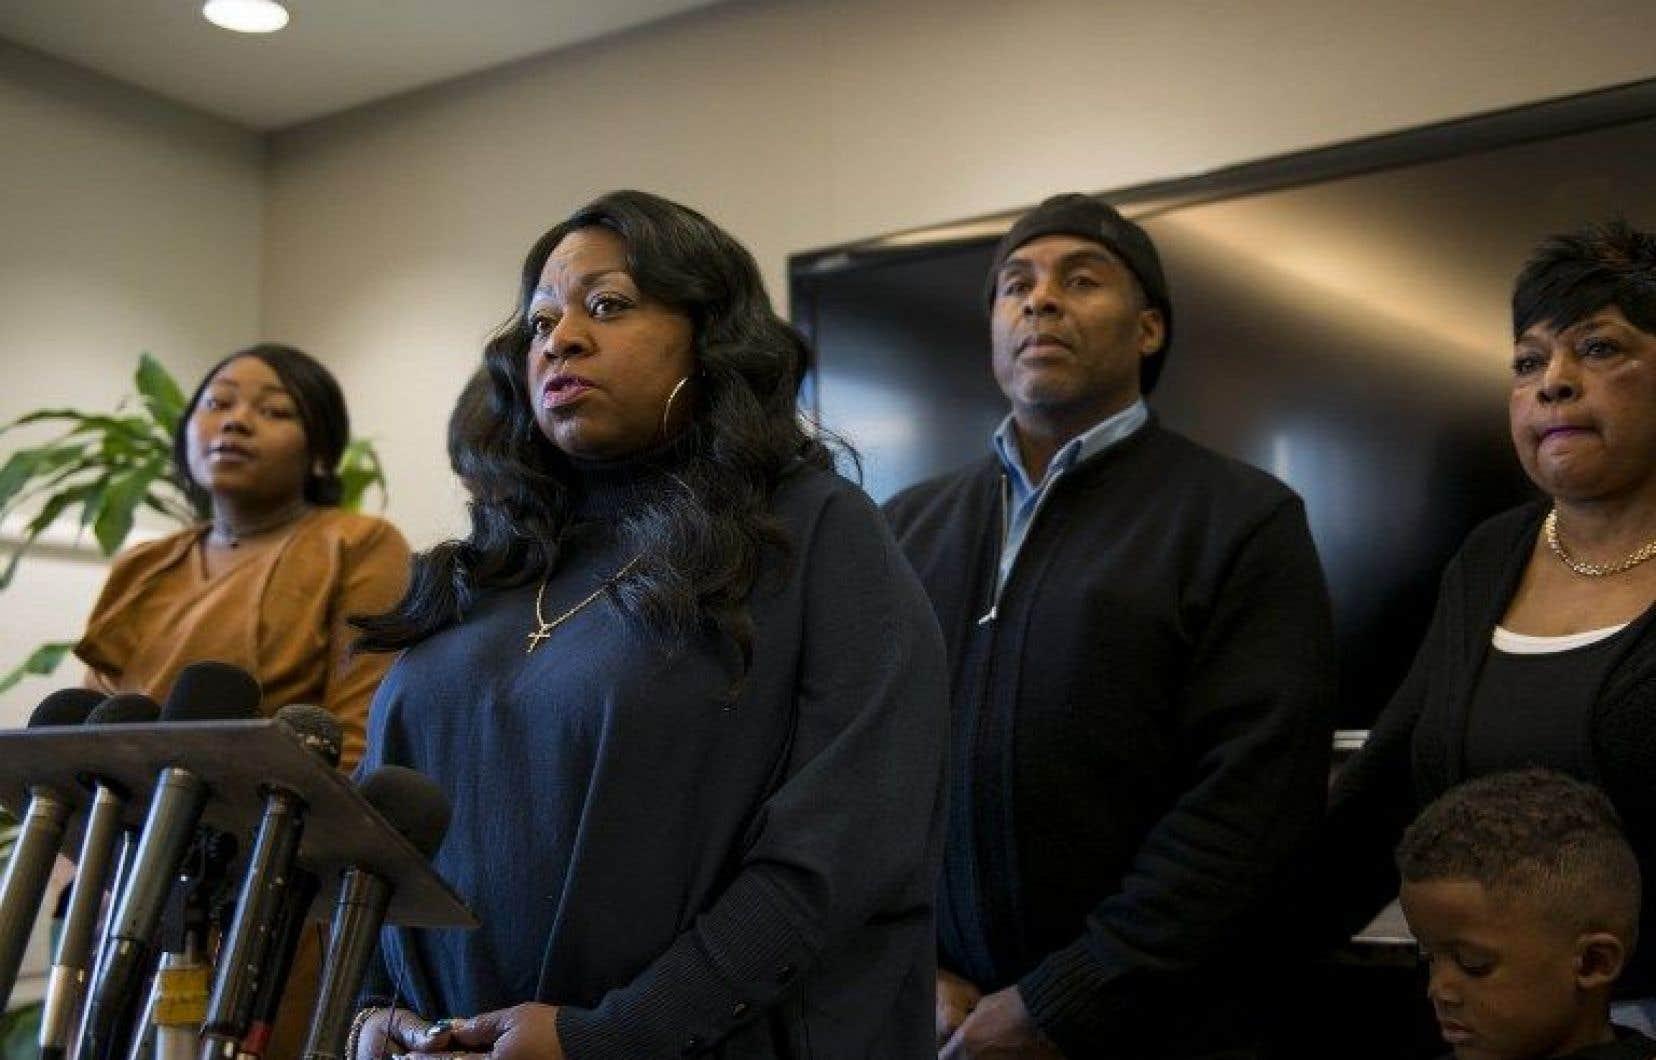 La famille de Philando Castile s'est réjouie des conclusions du procureur.